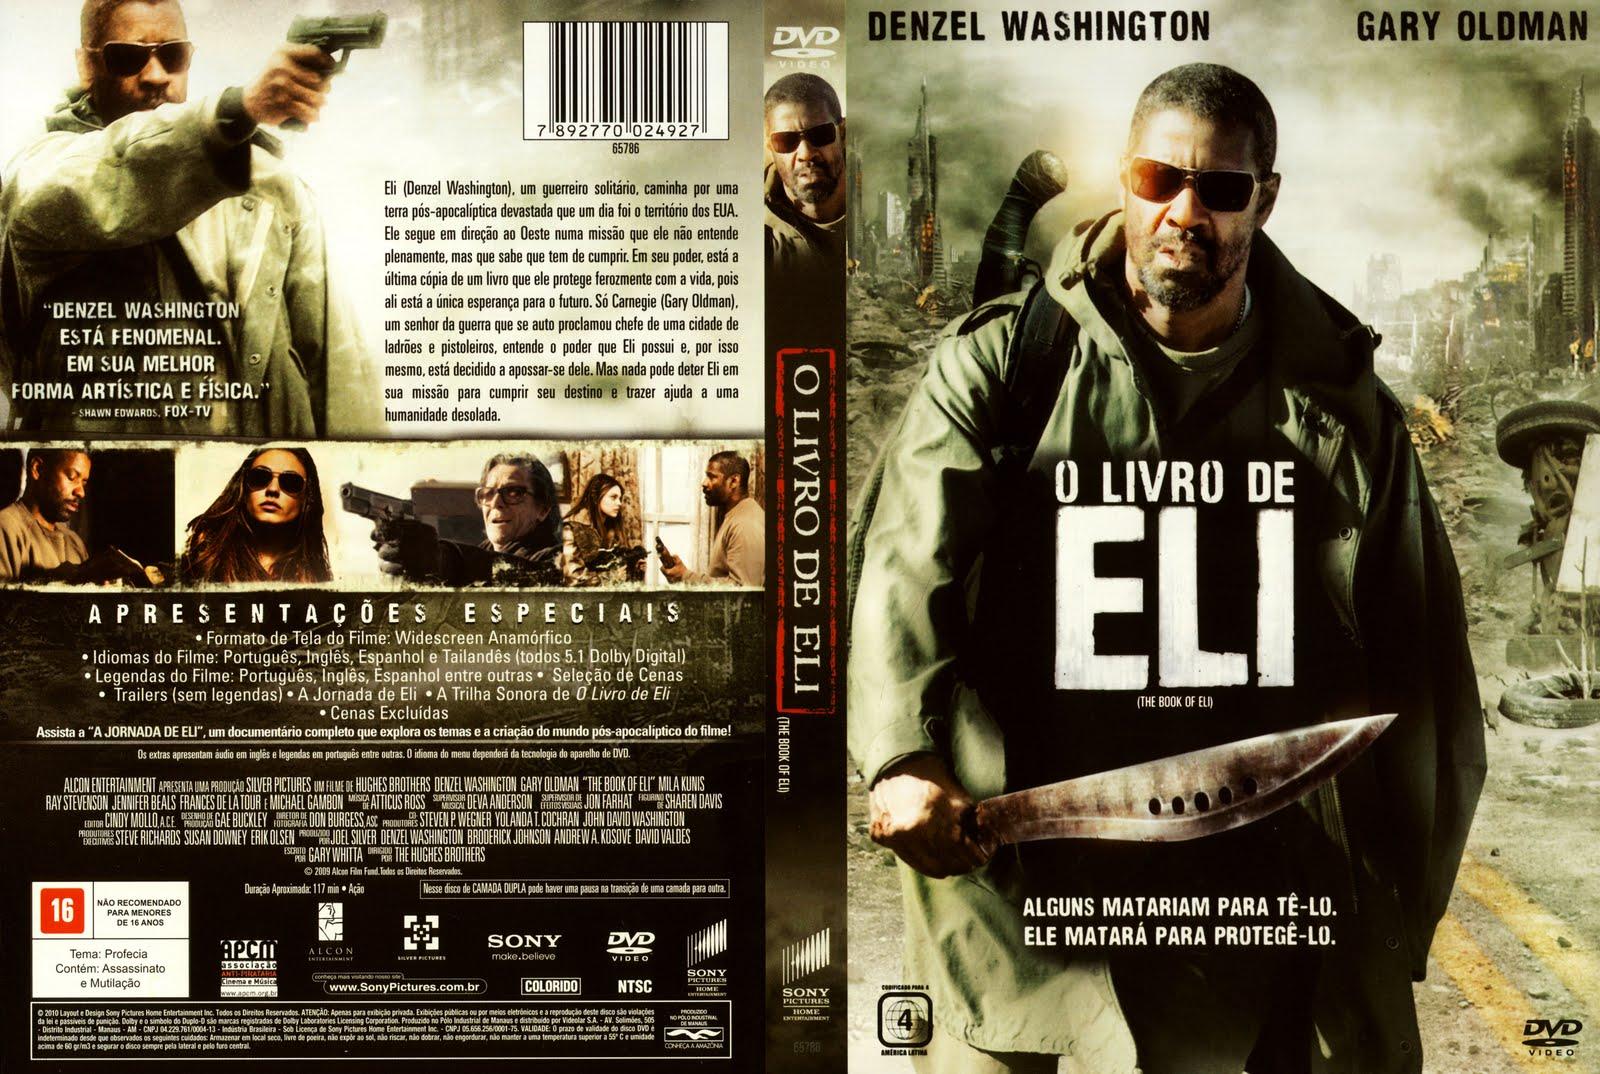 Baixar Filme O Livro de Eli DVDRip RMVB Dublado